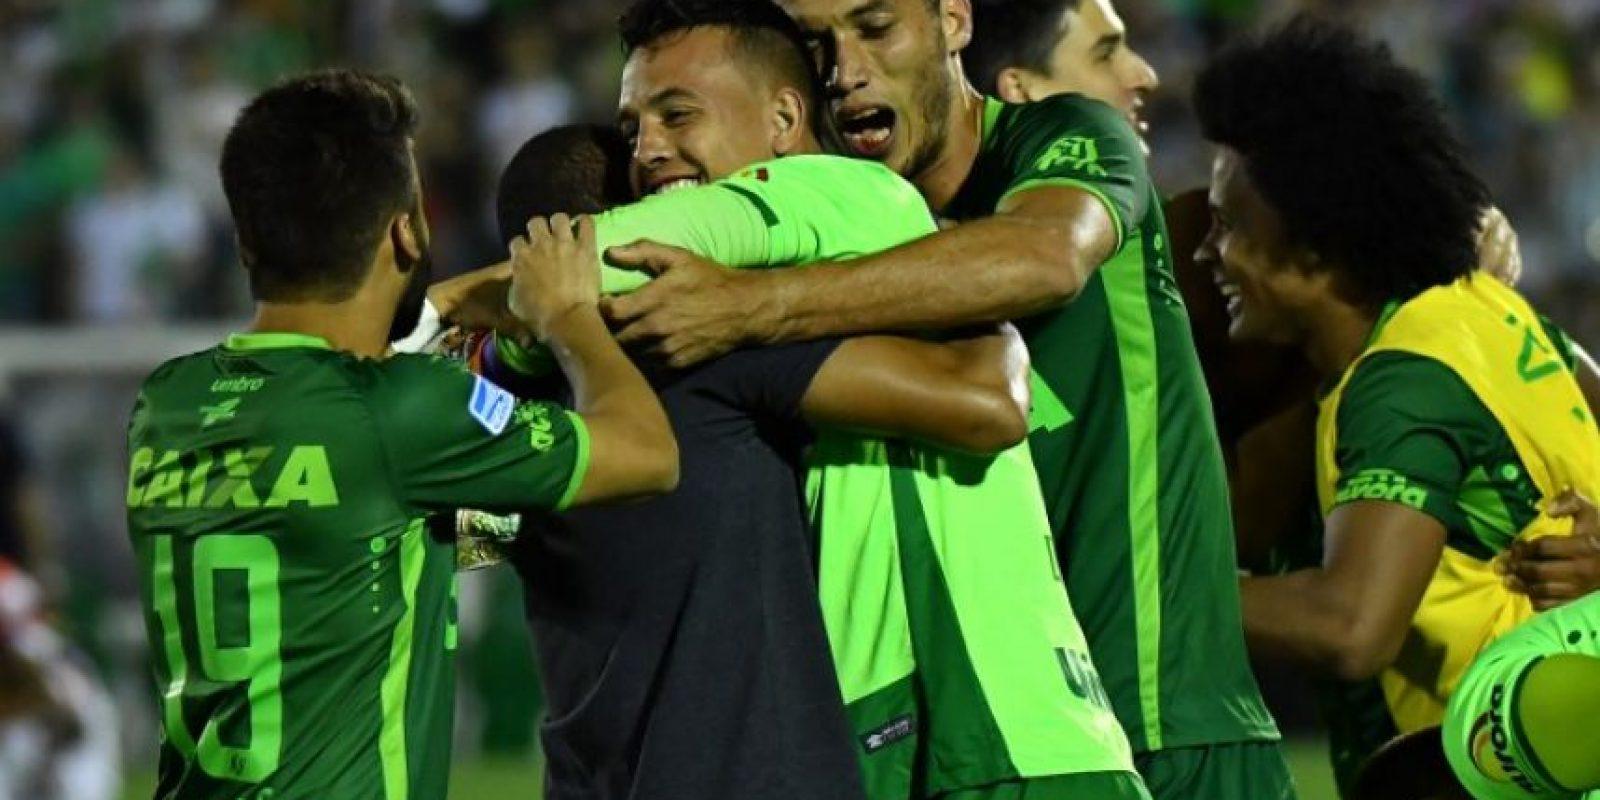 El Chapecoense pasó, en las circunstancias menos deseadas, a ser el club de futbol más popular del mundo. Foto:AFP